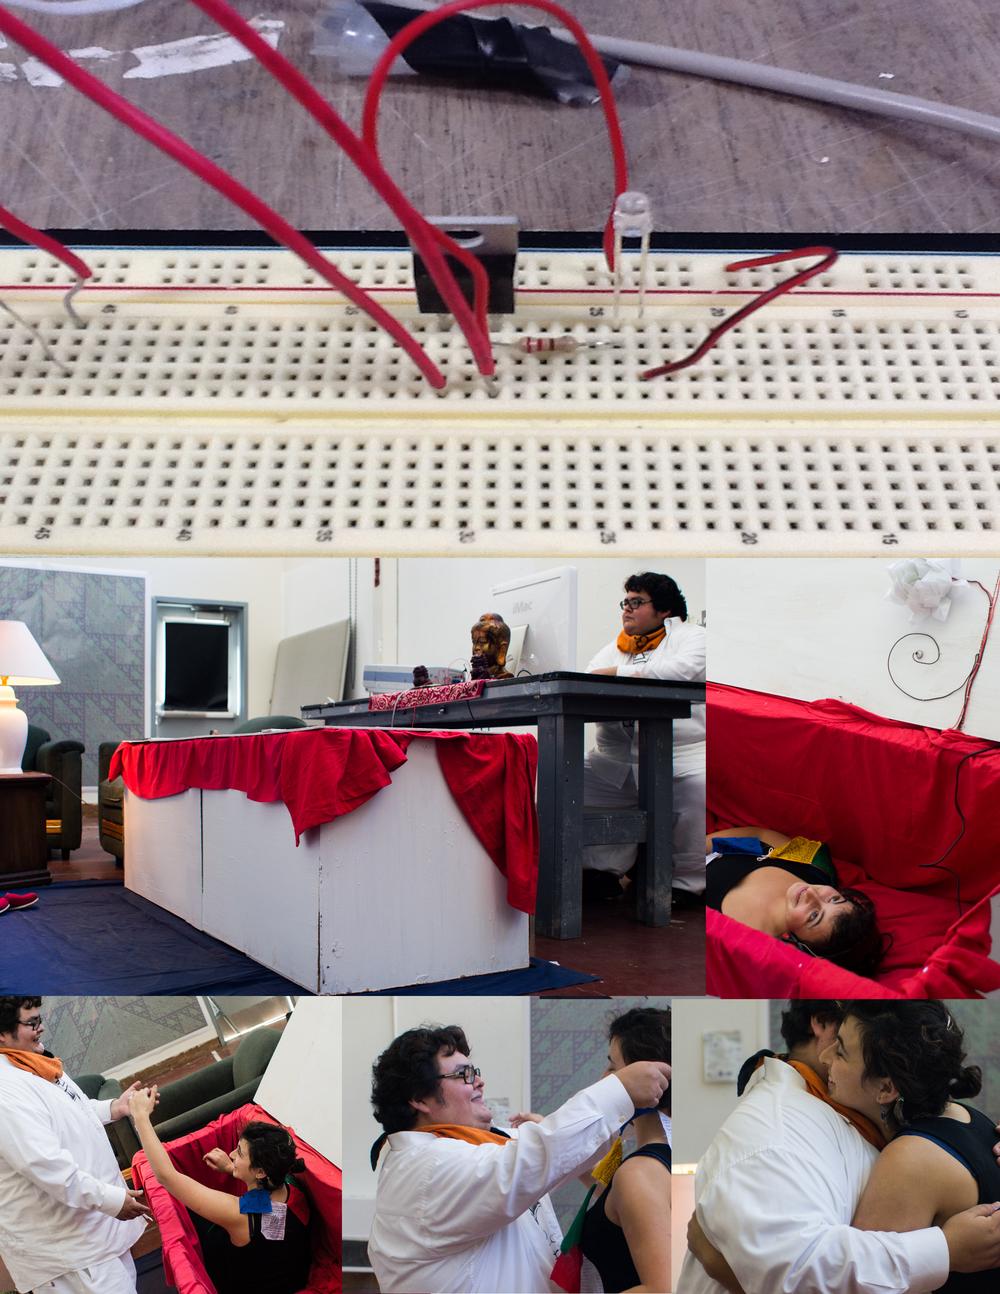 The Bardo Parlor 2012 DevArtPerformance Installation